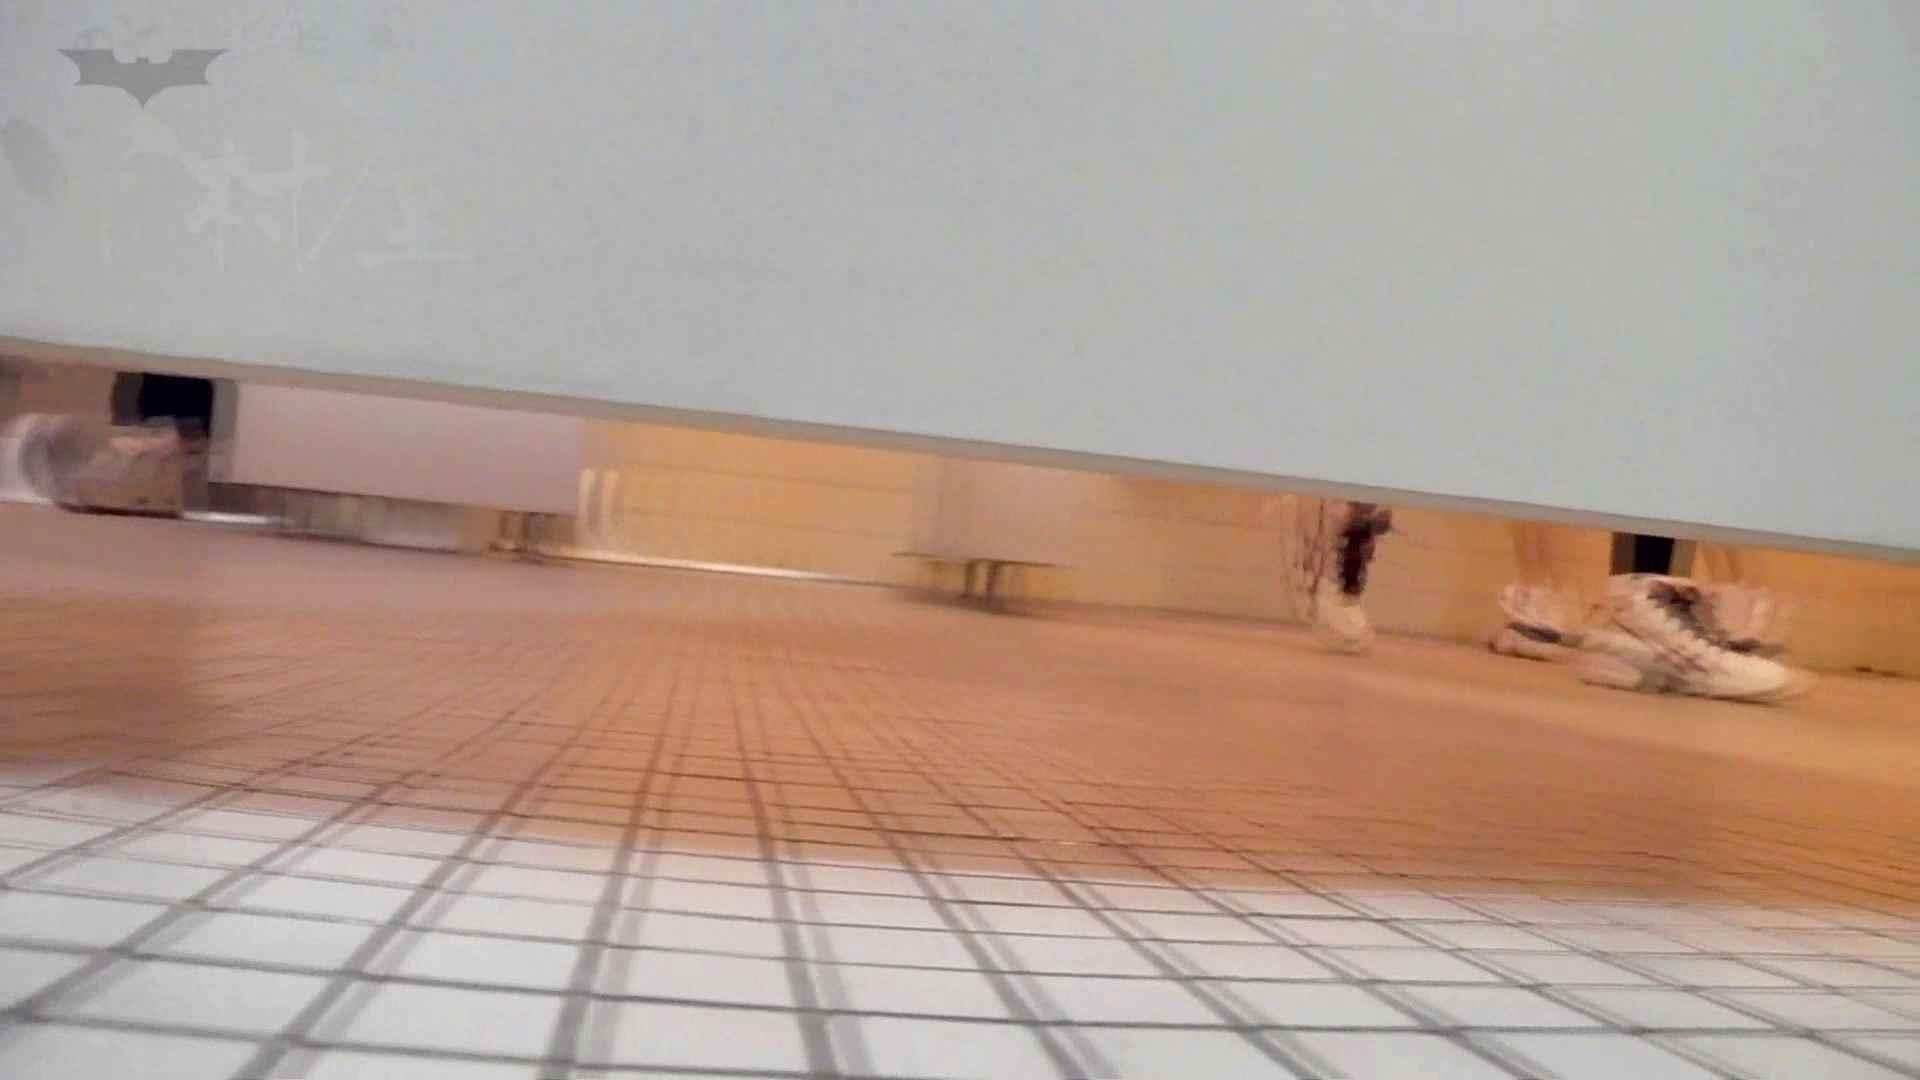 第三体育館潜入撮File015 「進化」の最後に登場した美人がついに入室! 潜入 ヌード画像 25連発 4